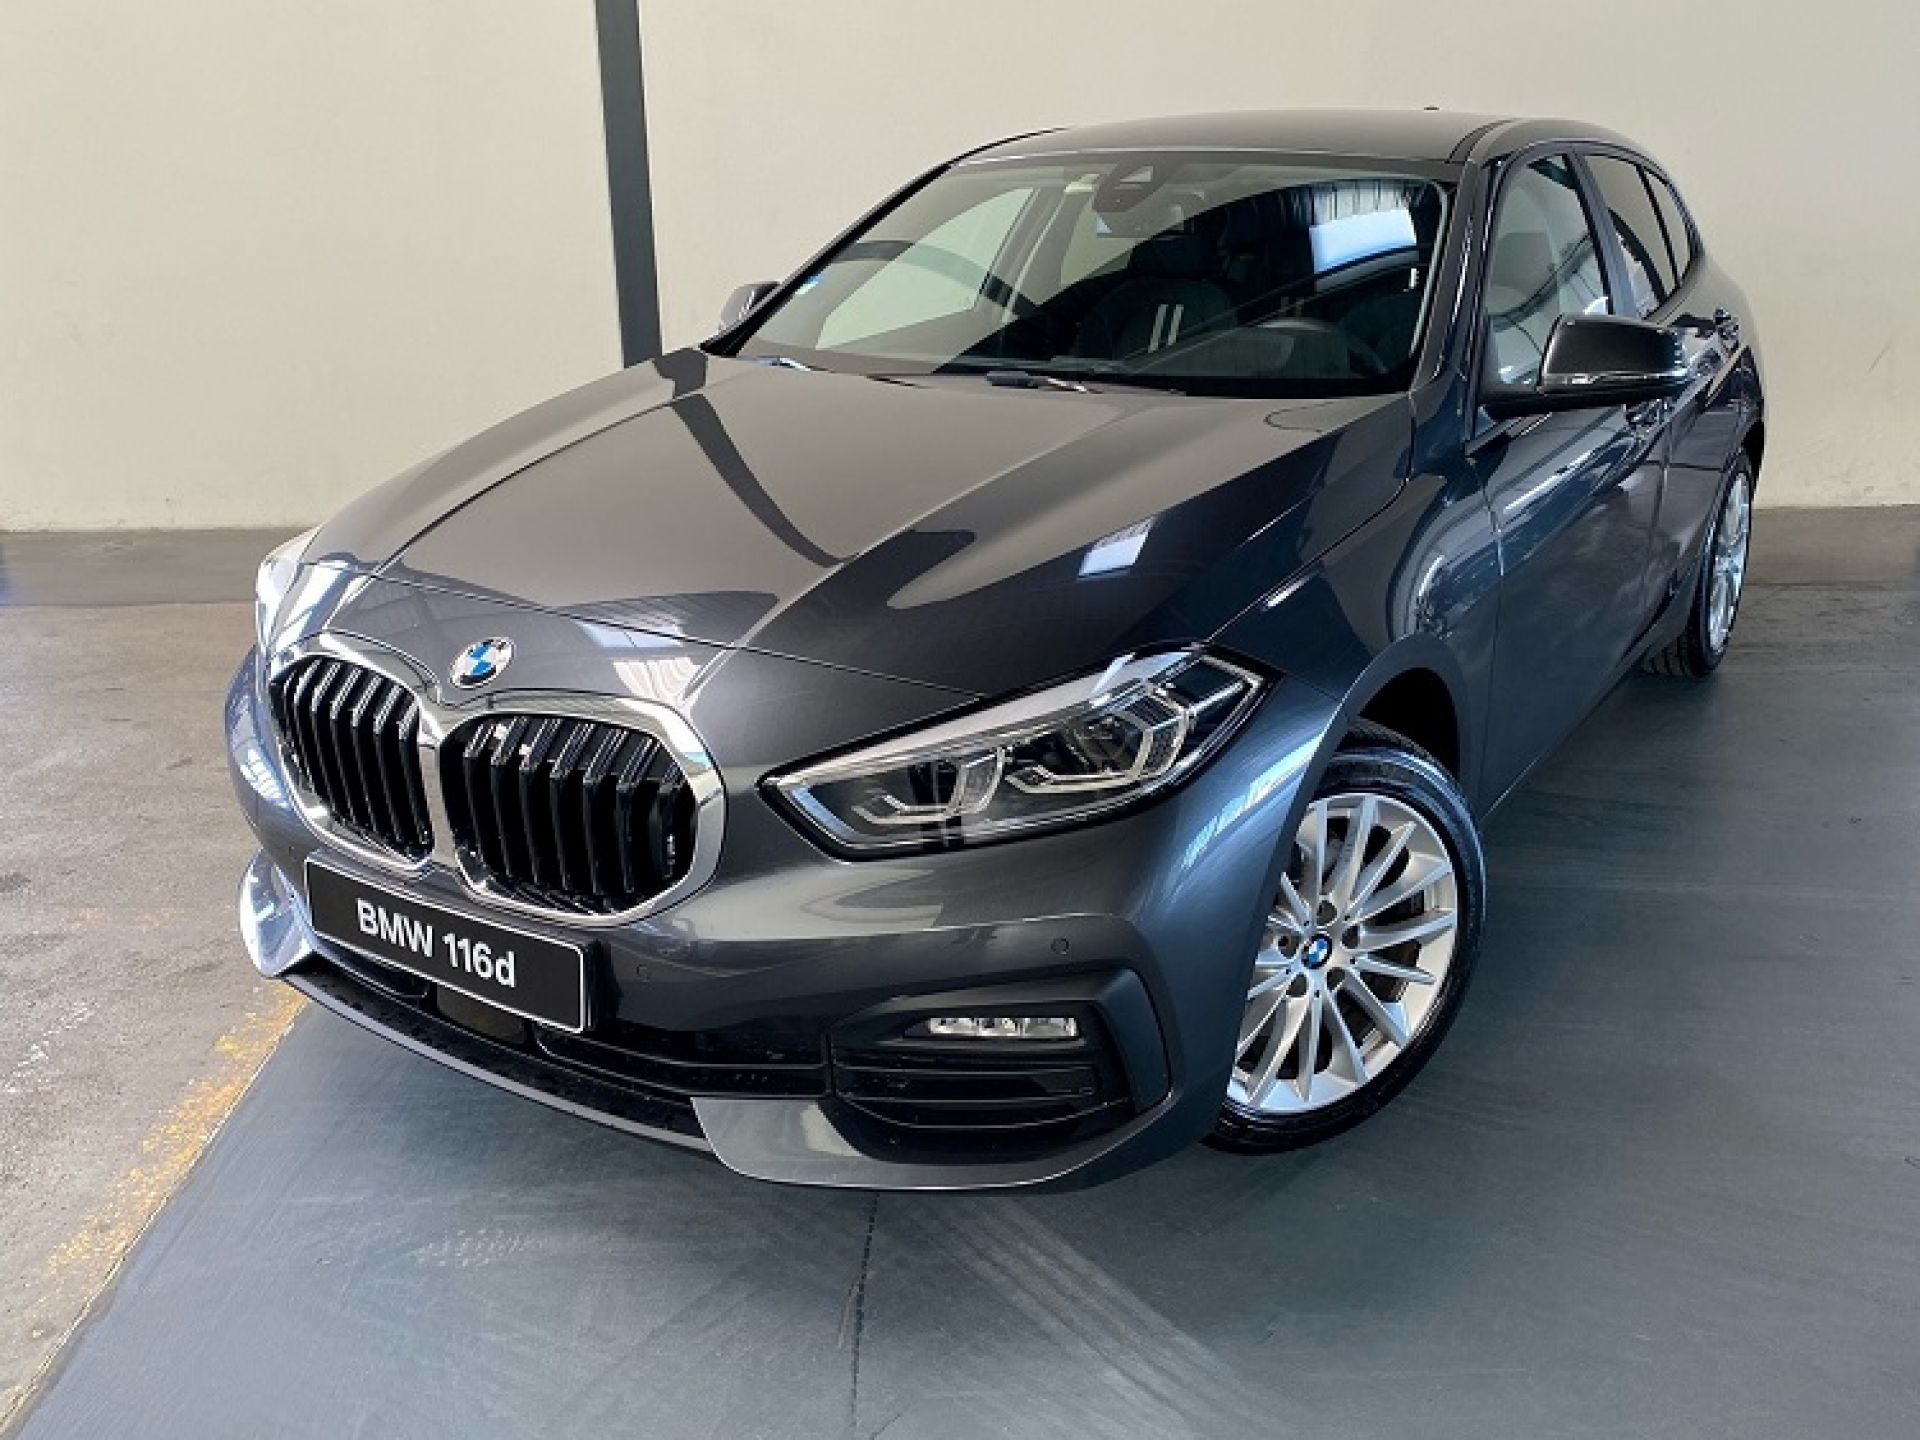 BMW Serie 1 116d segunda mão Faro